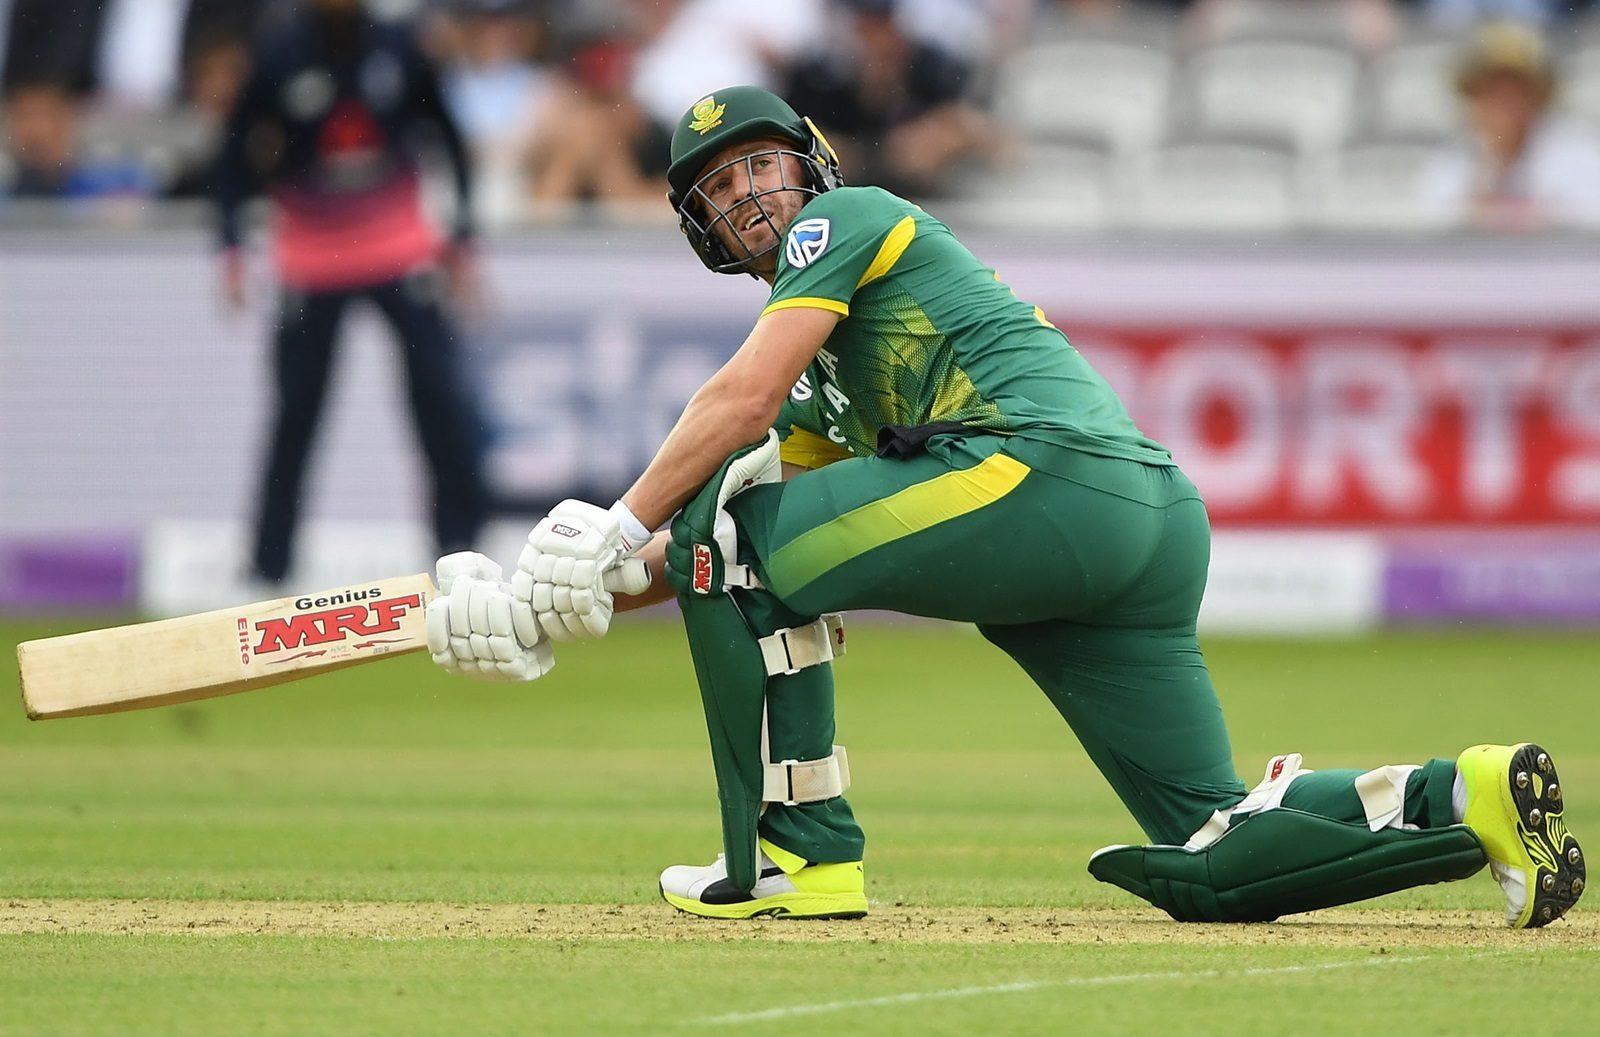 5 दिग्गज क्रिकेटर, जिन्होंने काफी कम उम्र में ले लिया था संन्यास, अभी बचा था काफी क्रिकेट 13